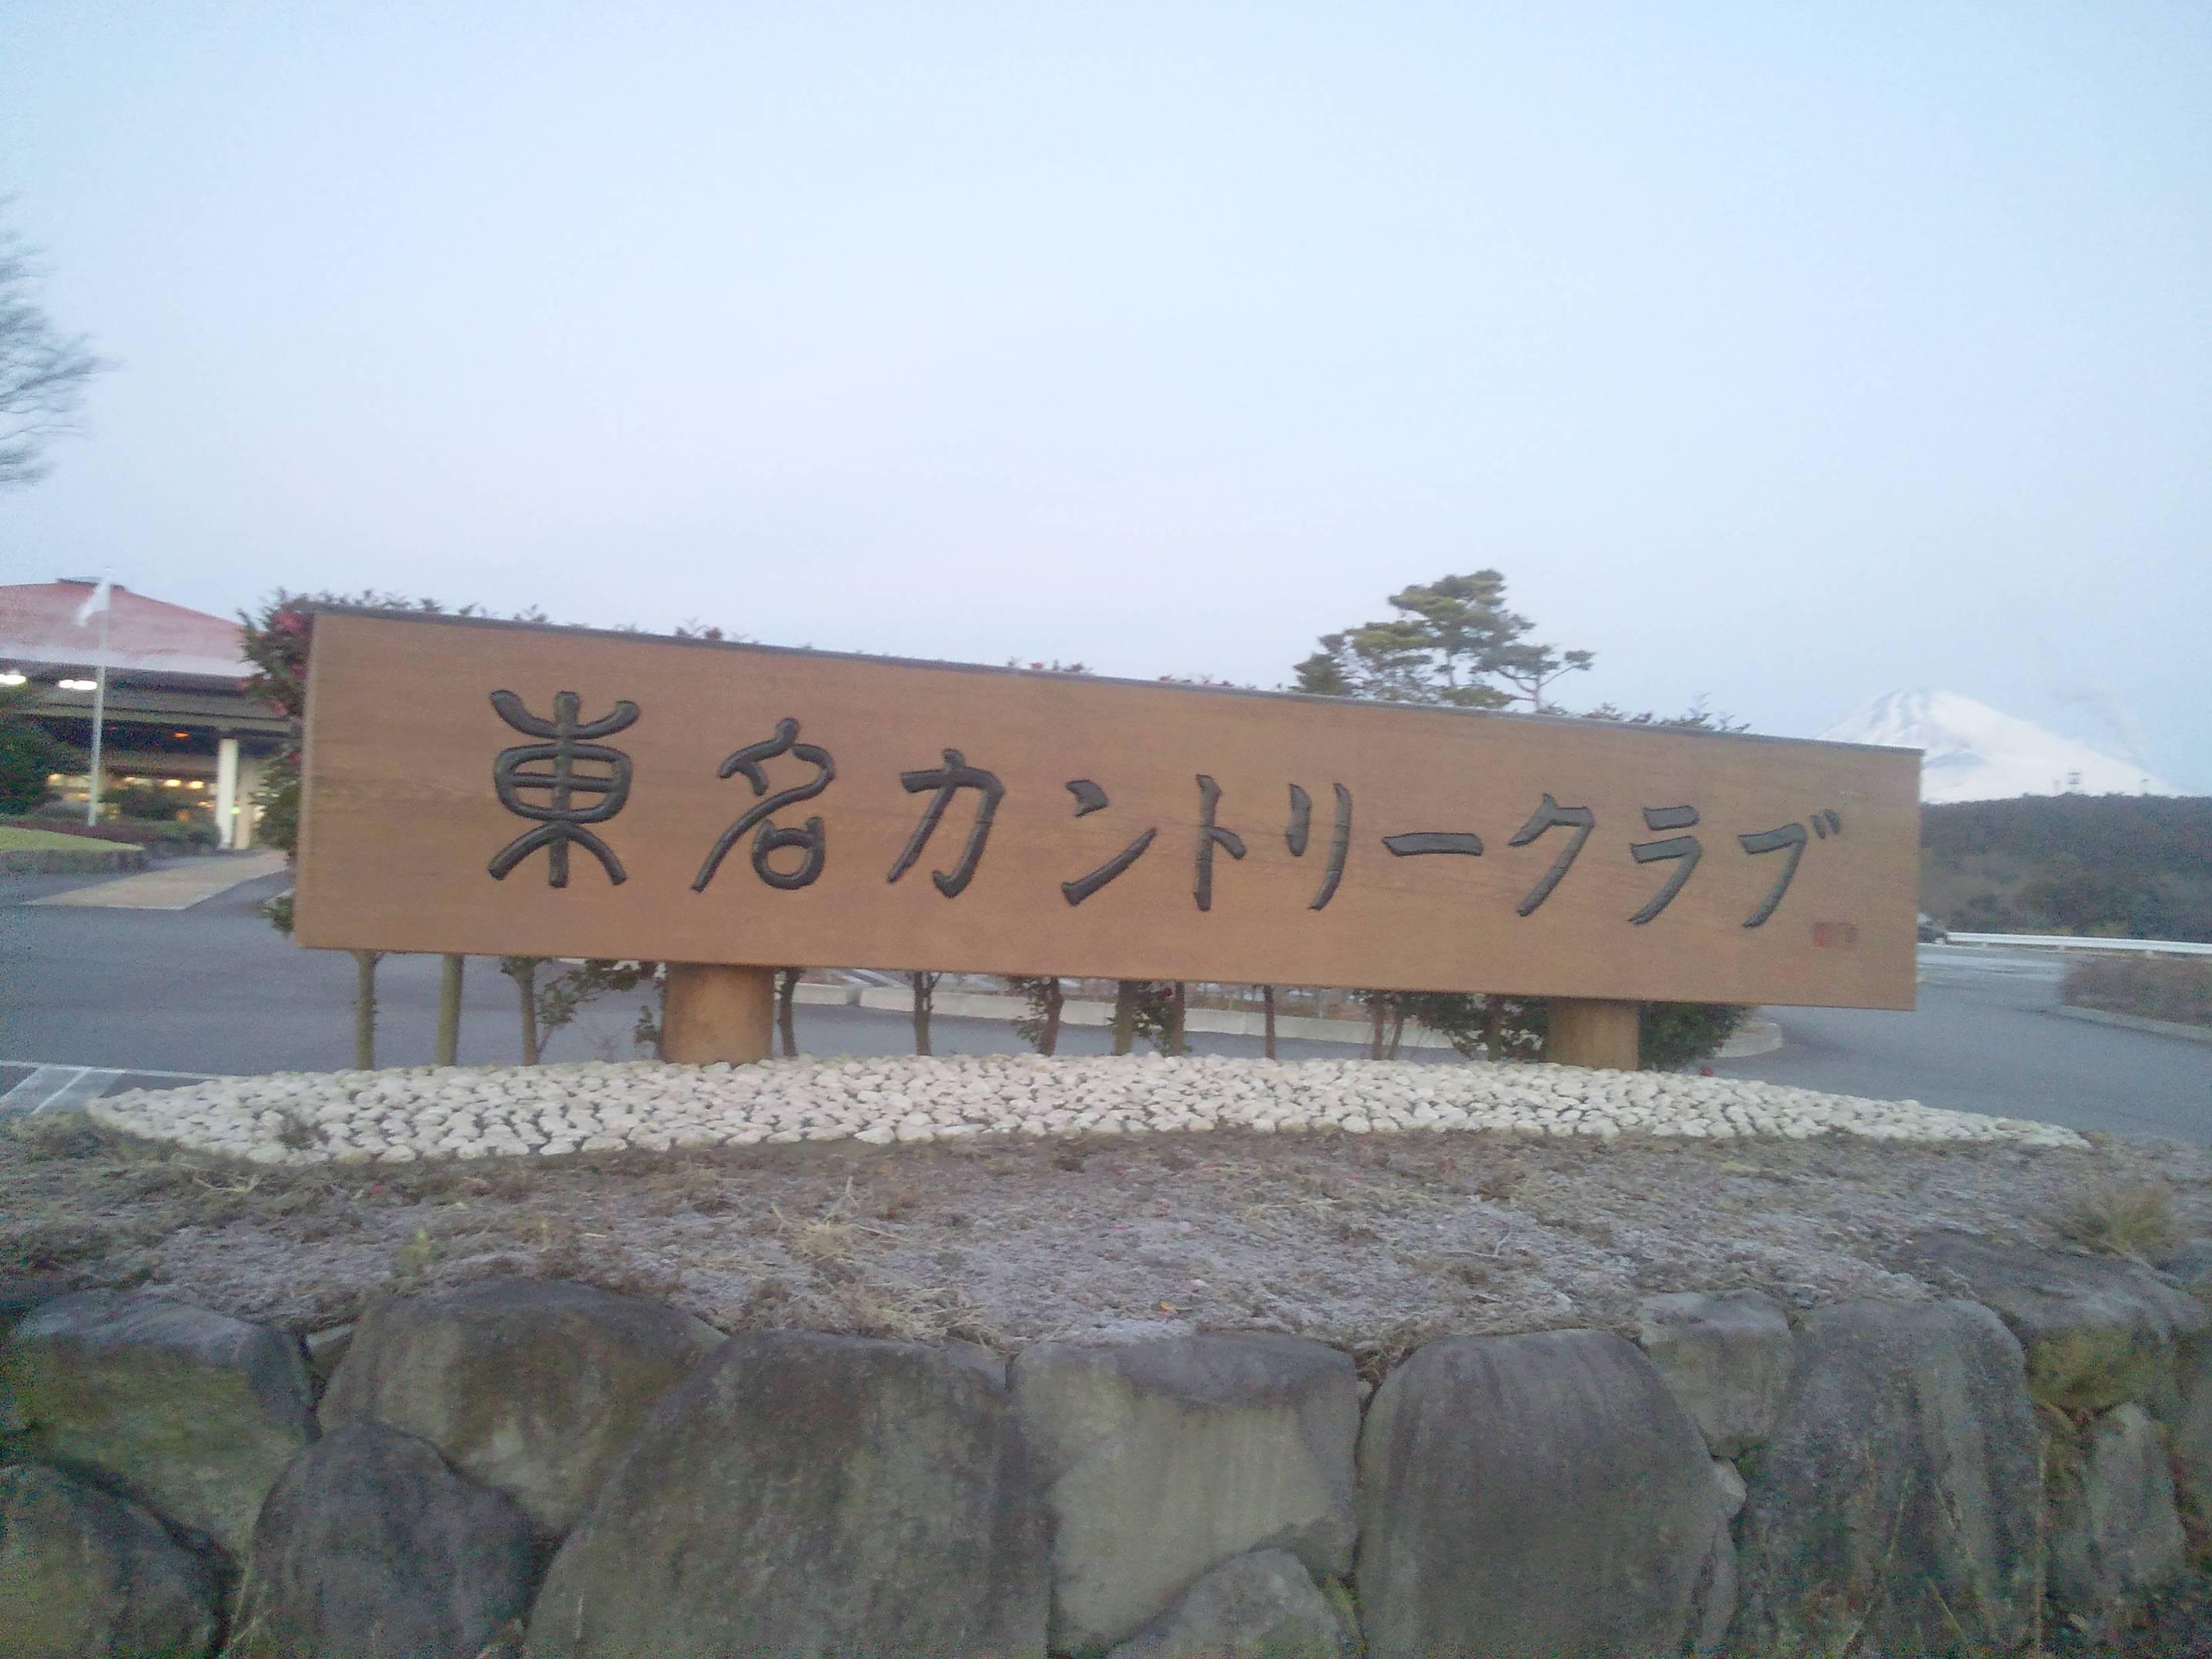 東名カントリークラブ レストラン